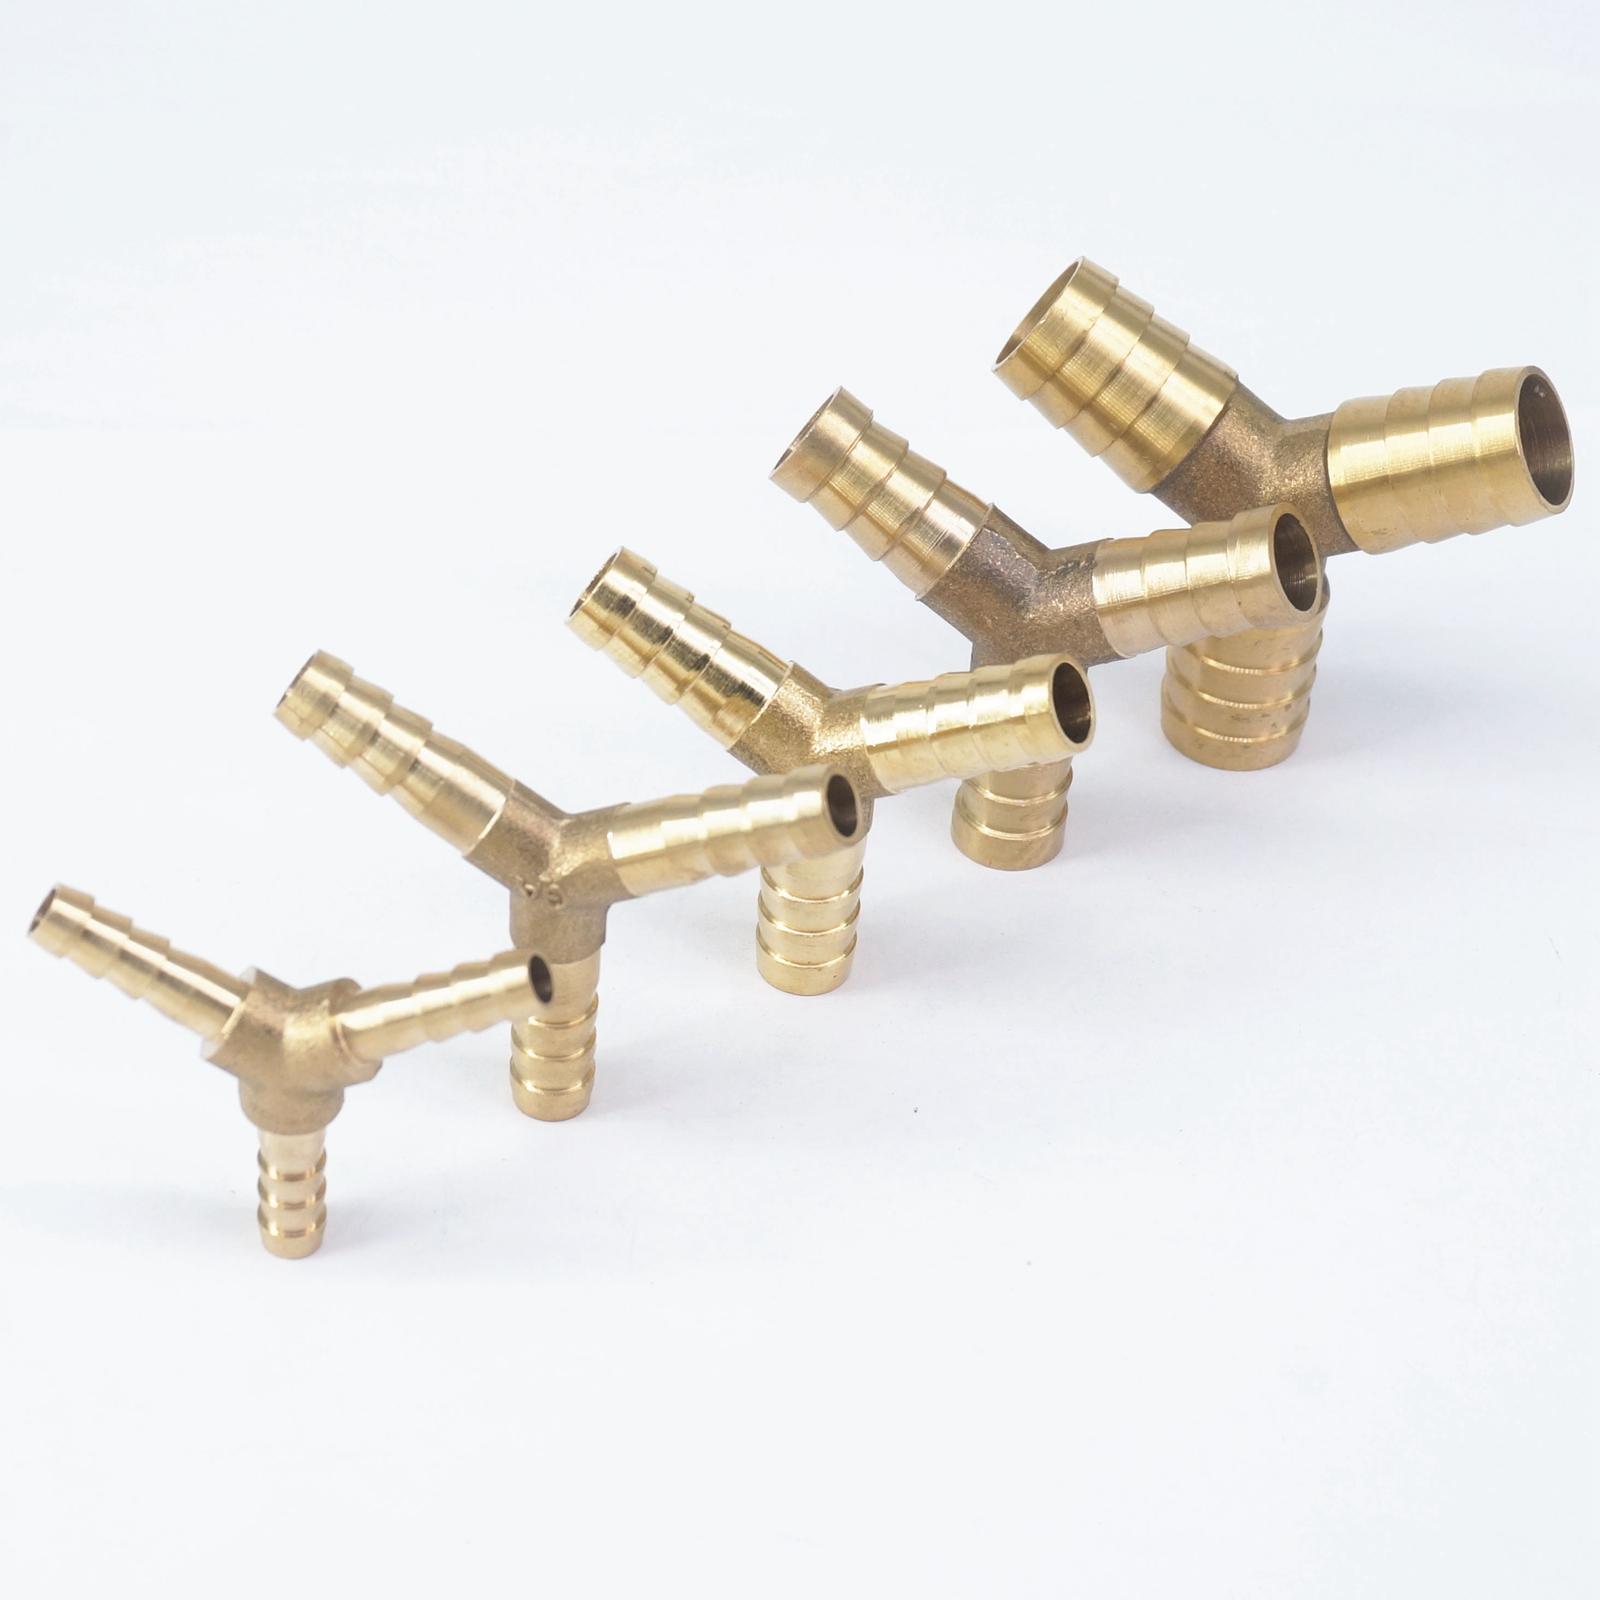 Rohre & Armaturen Lot 2 Y Schlauch Barb I/d 4mm 6mm 7mm 8mm 10mm 12mm 14mm 16mm 3 Möglichkeiten Messing Koppler Splicer Anschluss Armaturen